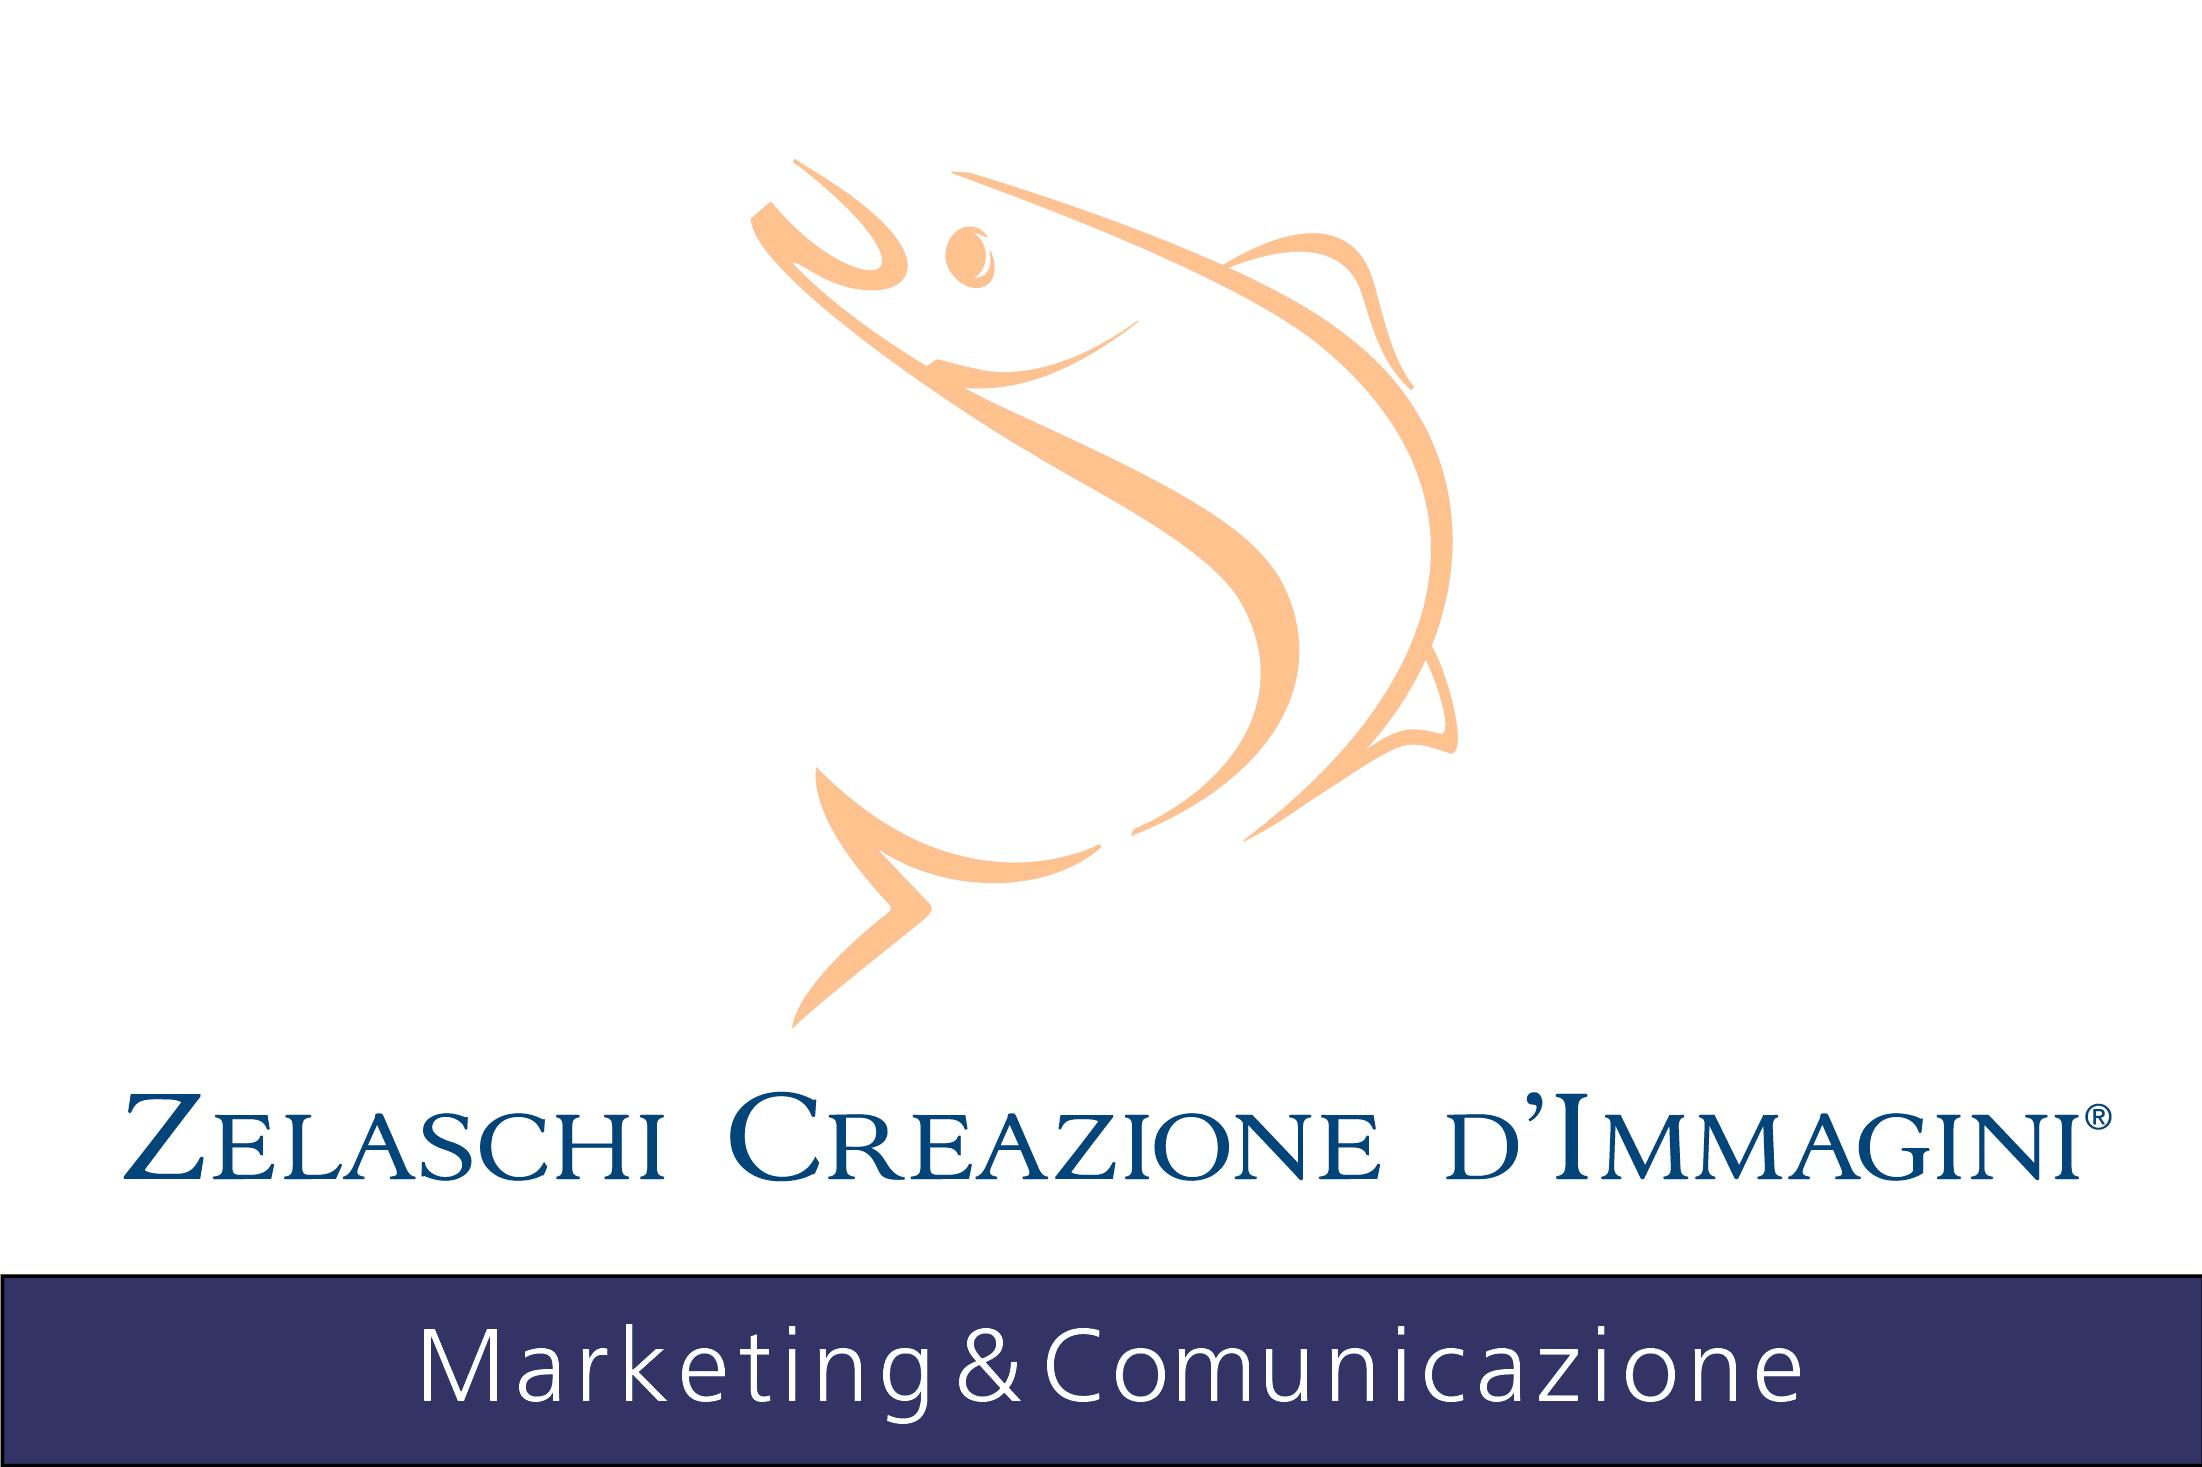 Agenzia Zelaschi Creazione d'Immagini